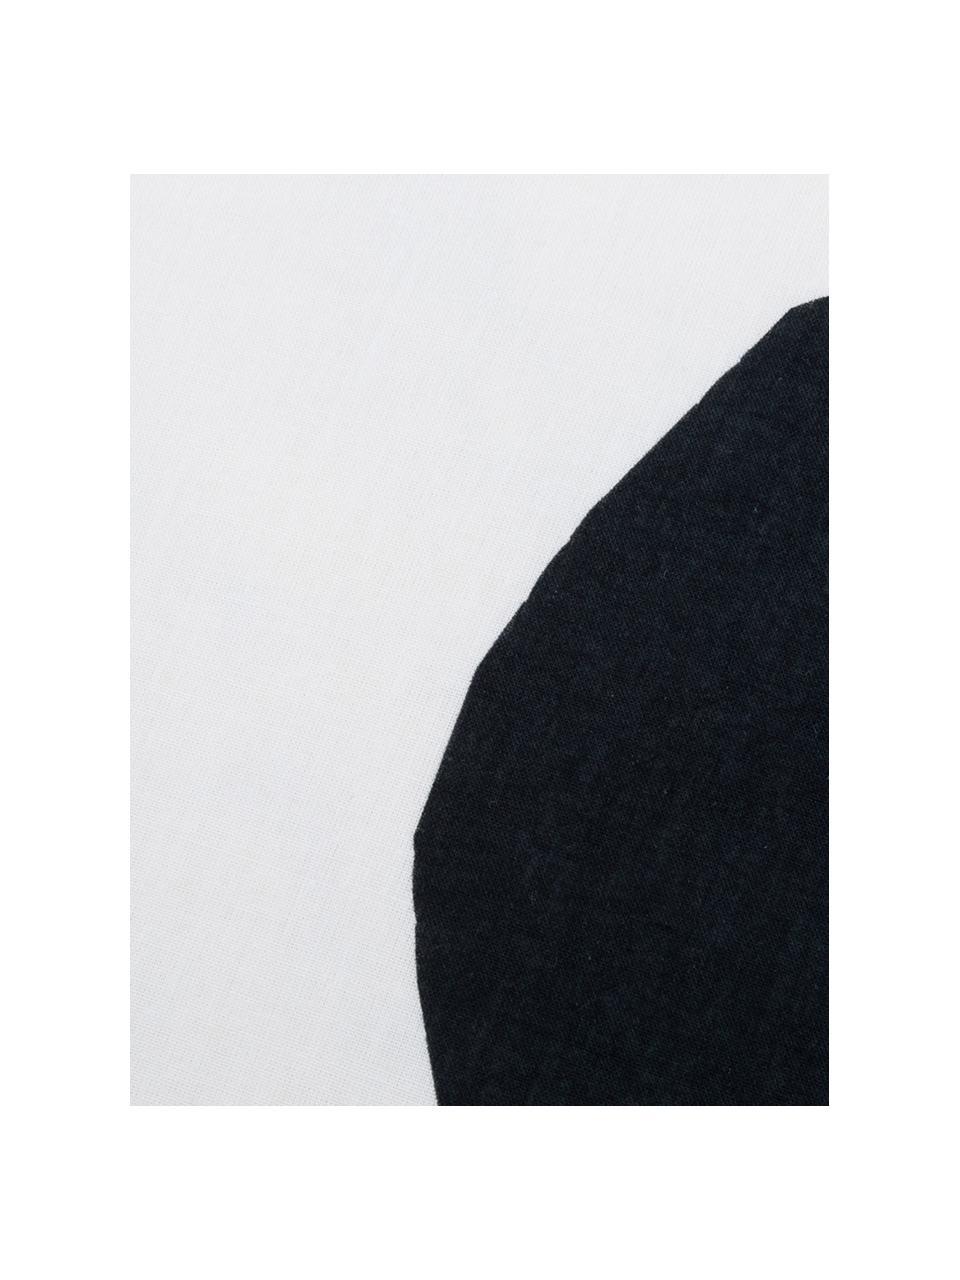 Dubbelzijdig dekbedovertrek Dot, Katoen, Bovenzijde: wit, zwart. Onderzijde: wit, 140 x 200 cm + 2 kussen 60 x 70 cm